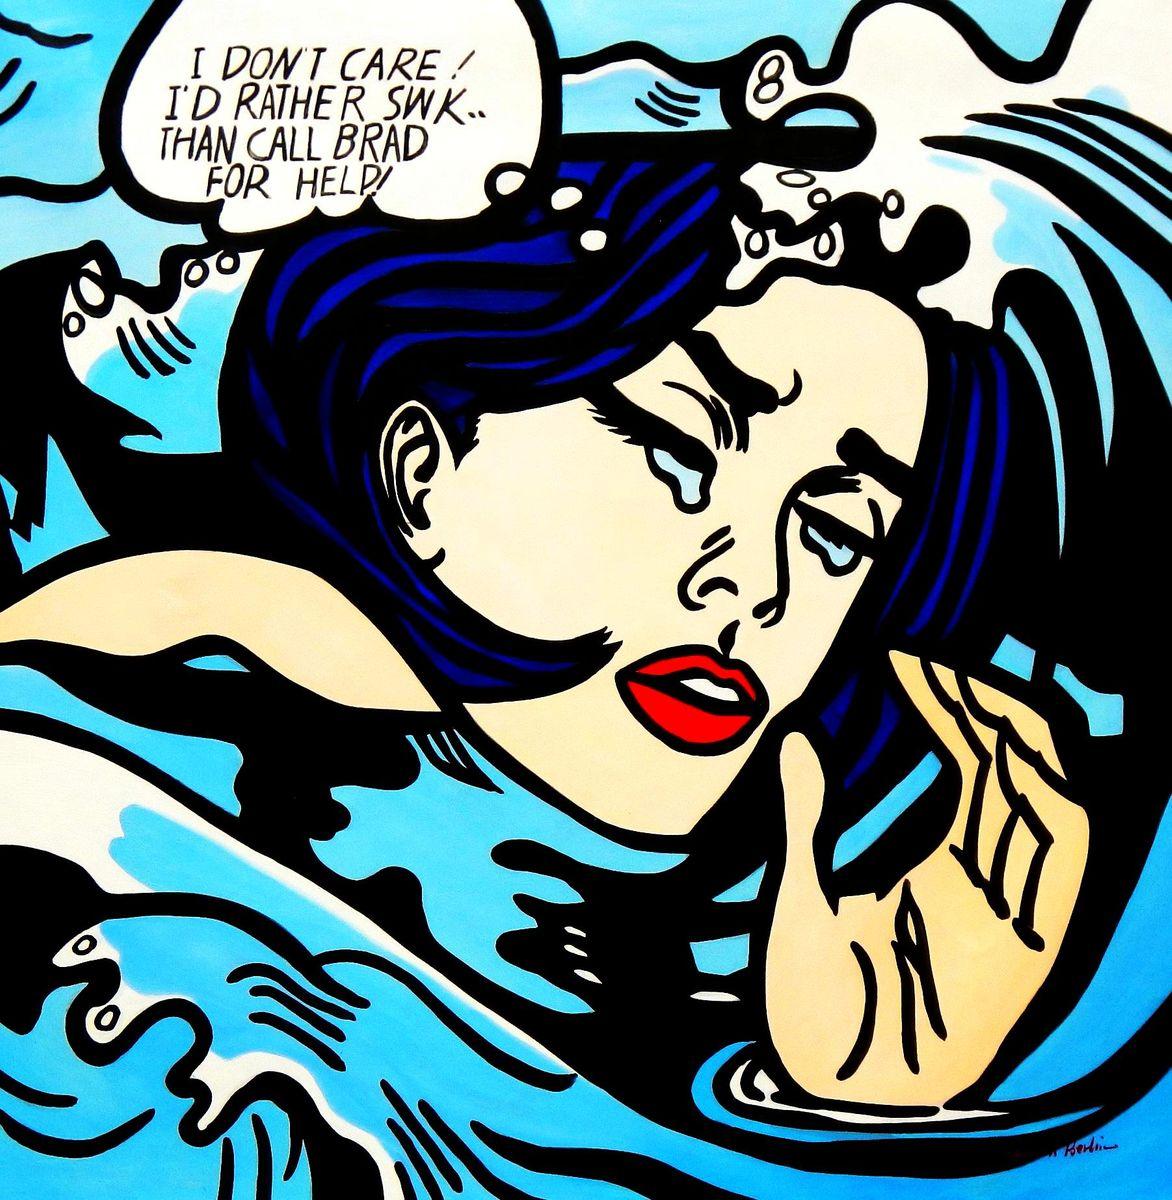 Homage to Roy Lichtenstein -  Do not care Pop Art m94481 120x120cm exquisites Ölbild handgemalt